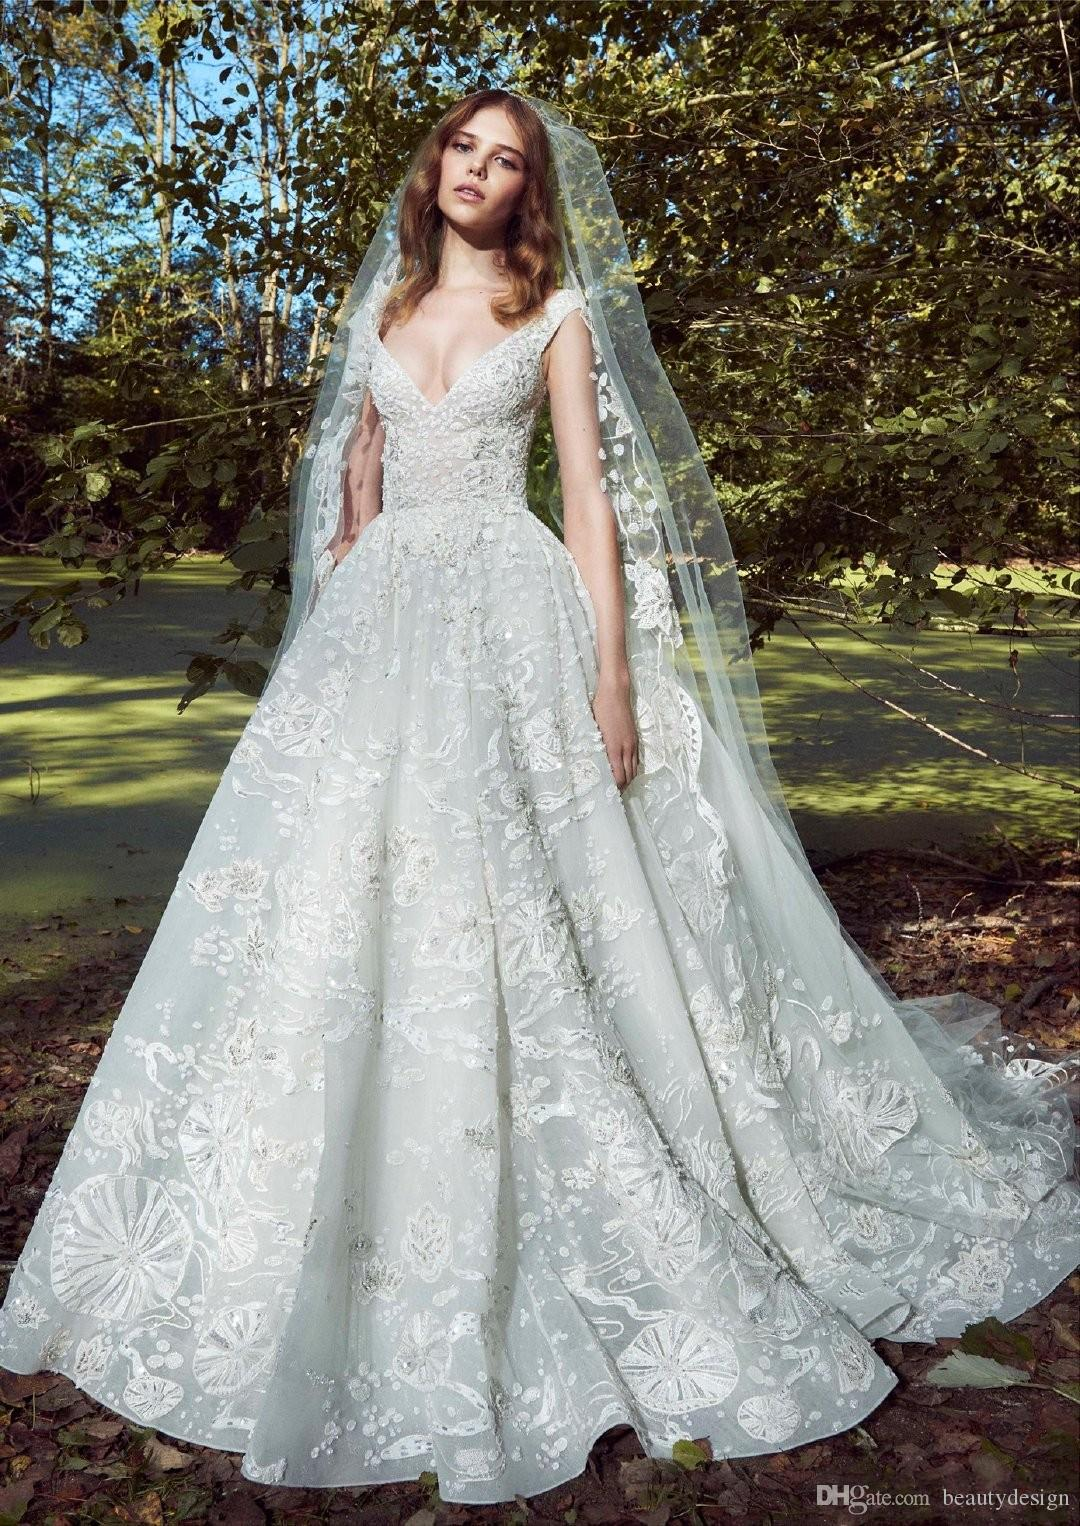 luxury elie saab 2020 lace ball gown wedding dresses appliques deep v neck  bridal dress chapel plus size full lace wedding gowns royal wedding dress